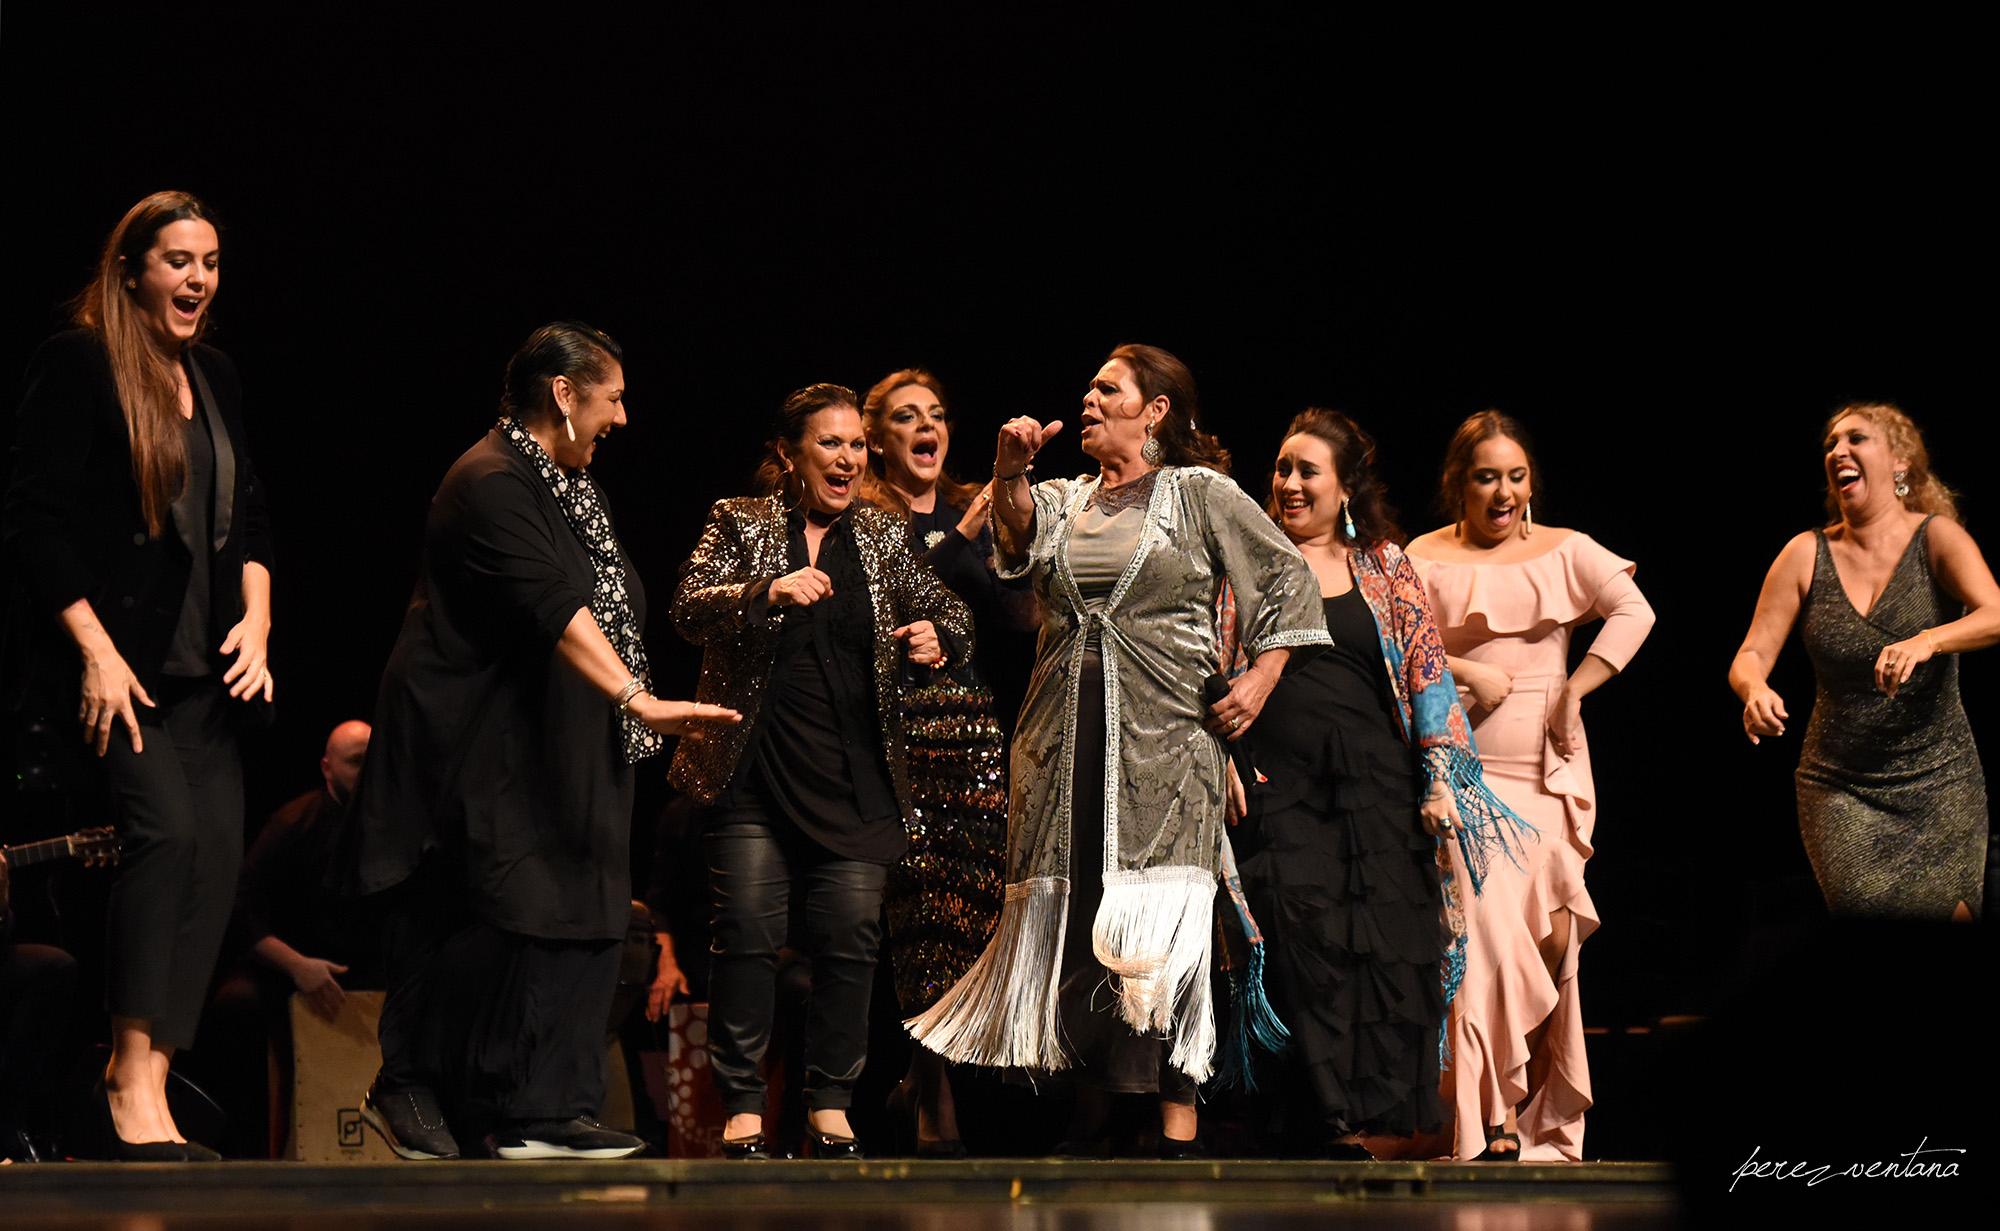 Aurora Vargas y las cantaoras. Homenaje a Carmelilla Montoya. Fibes Sevilla, 5 diciembre 2019. Foto: perezventana